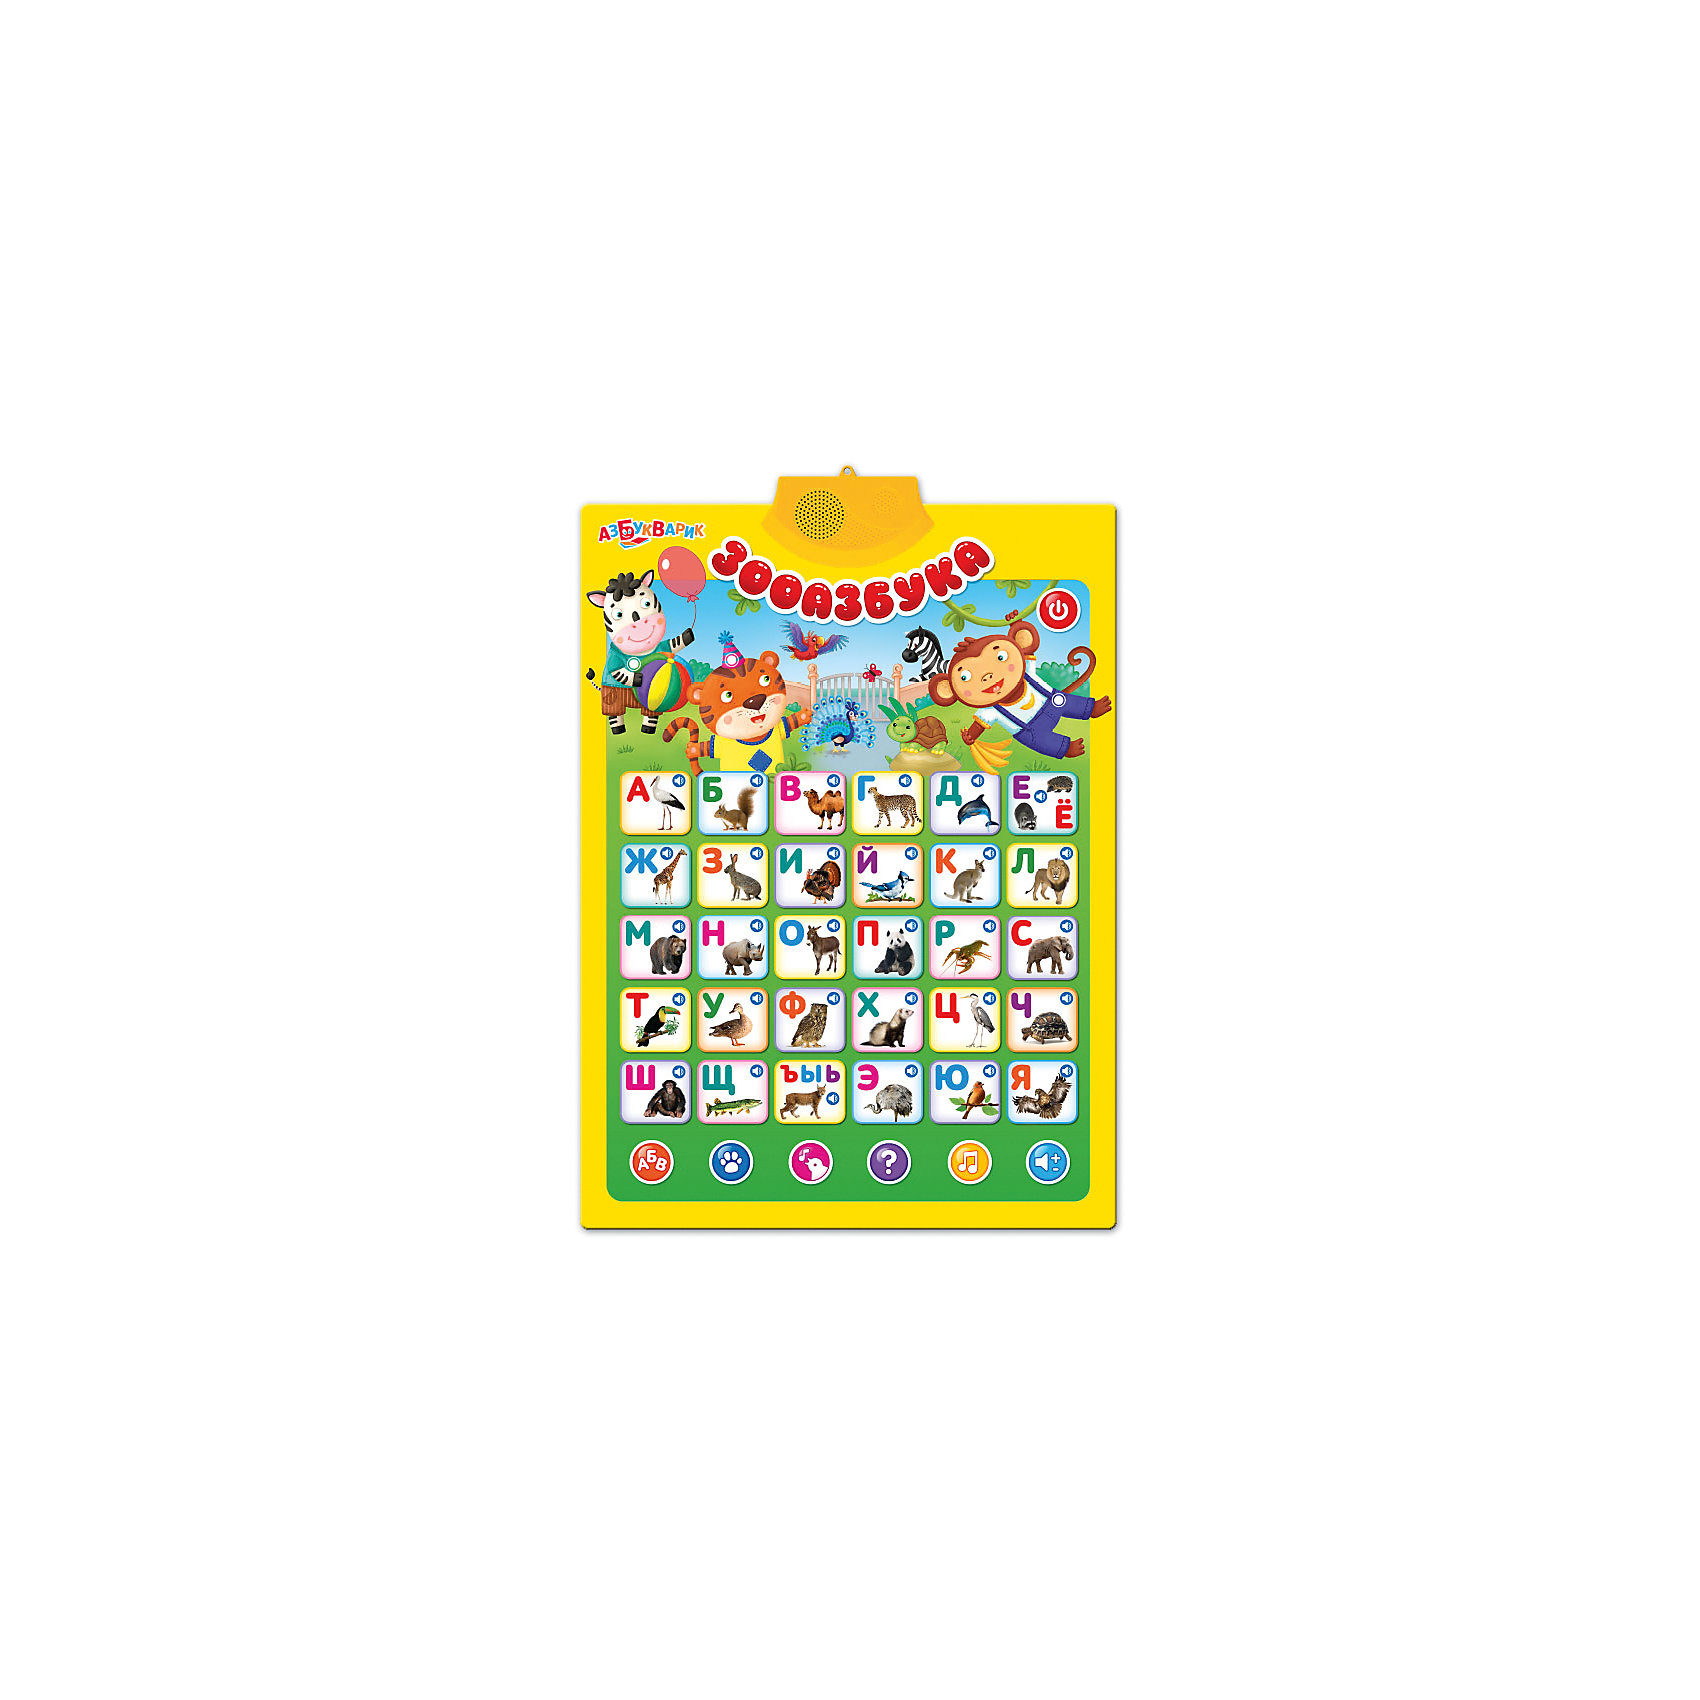 Говорящий плакат Зооазбука, АзбукварикОбучающие плакаты и планшеты<br><br><br>Ширина мм: 410<br>Глубина мм: 555<br>Высота мм: 100<br>Вес г: 275<br>Возраст от месяцев: 36<br>Возраст до месяцев: 60<br>Пол: Унисекс<br>Возраст: Детский<br>SKU: 7002179